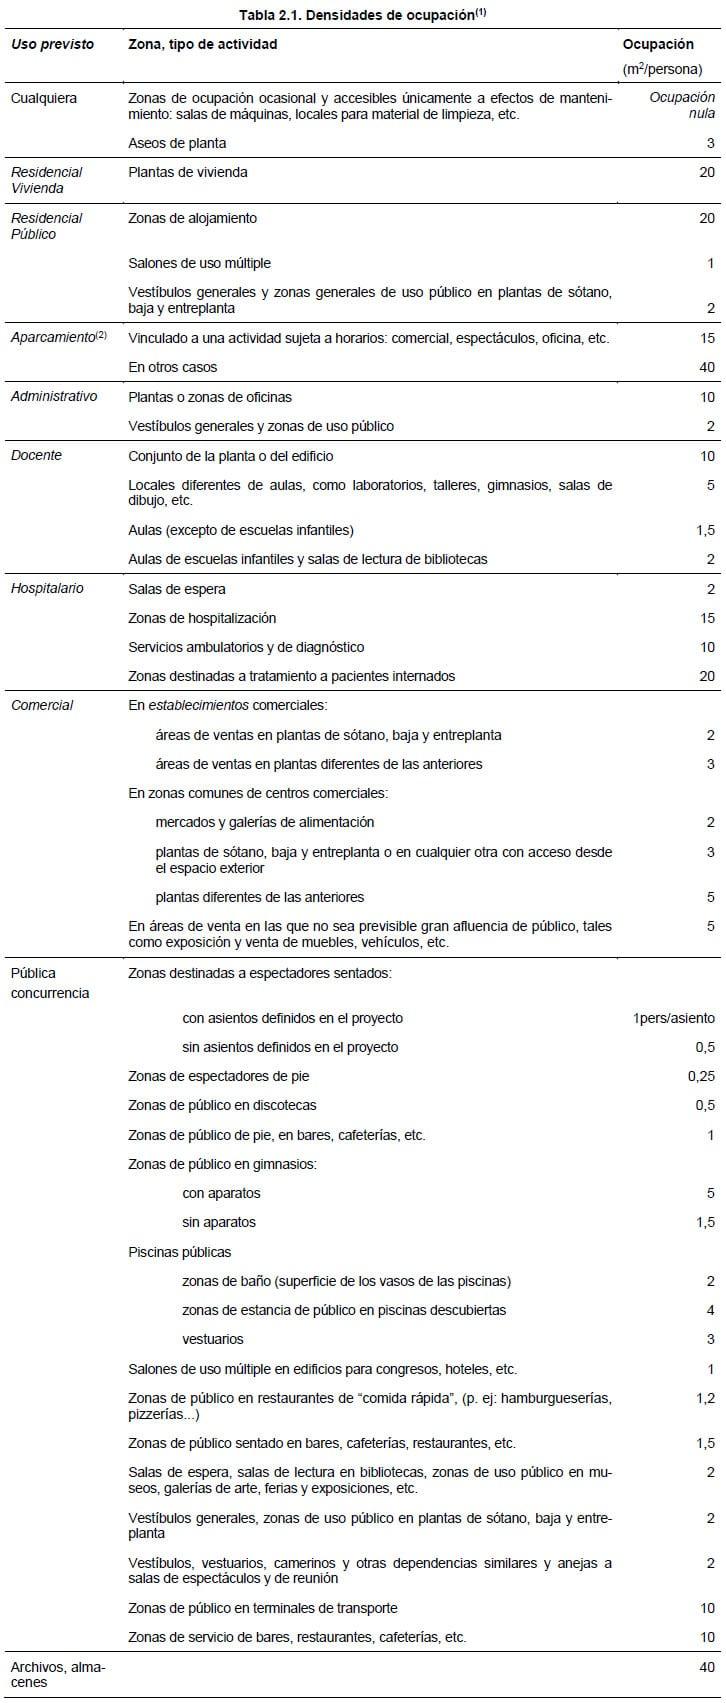 Tabla de densidad de ocupación en función de la clasificación del uso de los locales